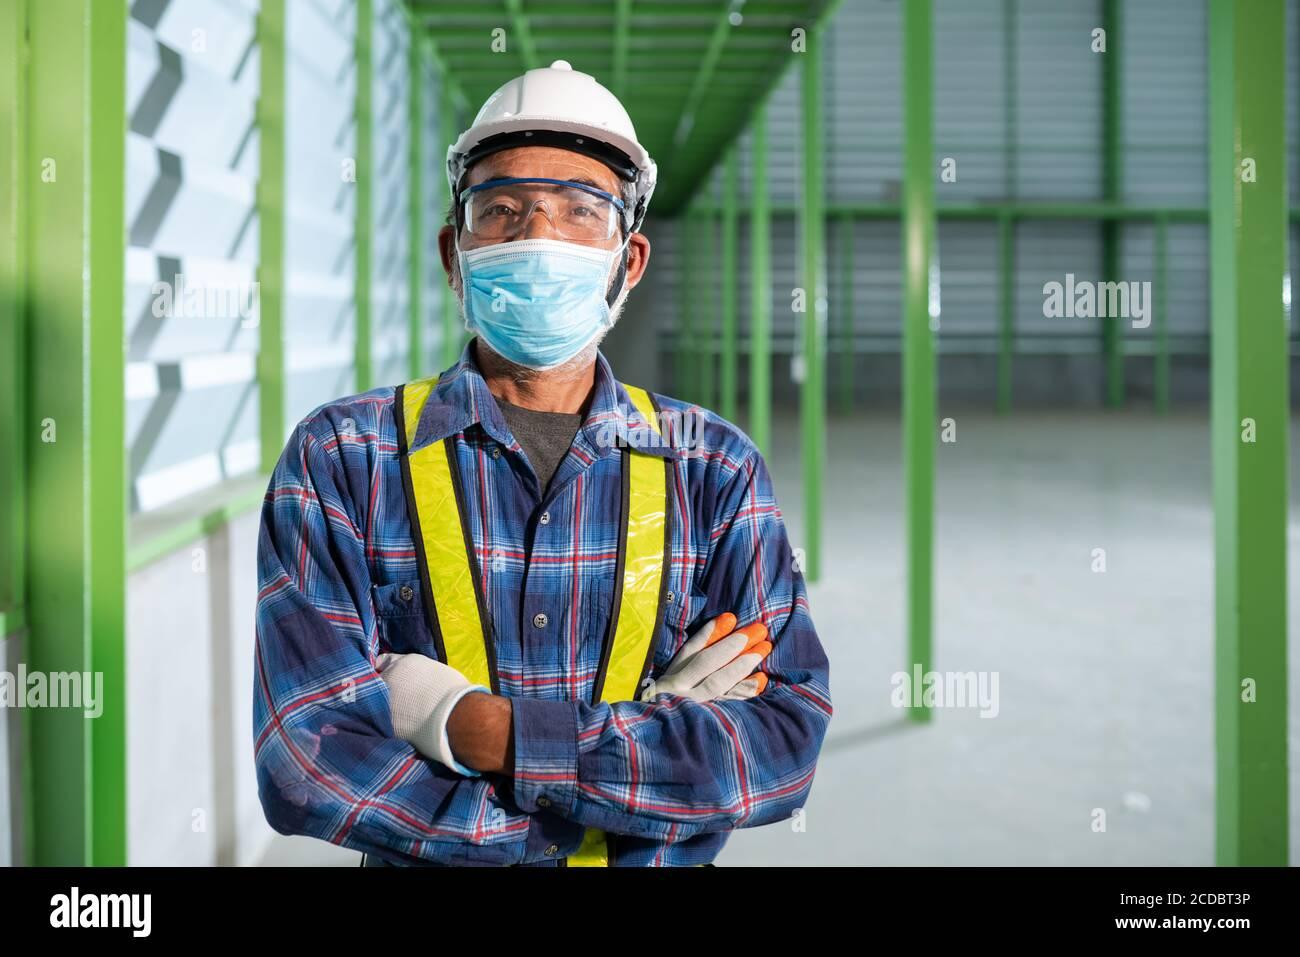 Ingénieur senior portant un masque pour travailler une nouvelle norme Banque D'Images